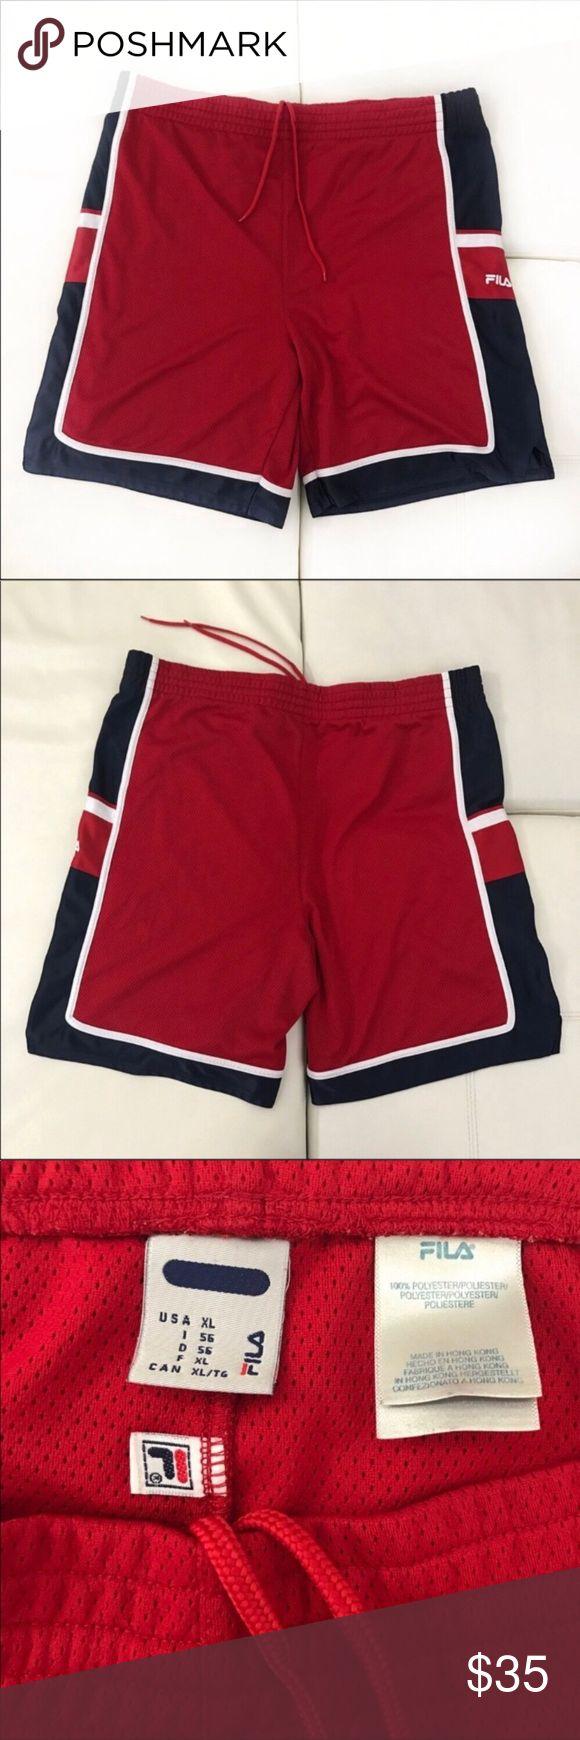 Fila athletic shorts Fila athletic shorts  Good condition, no flaws Fila Shorts Athletic